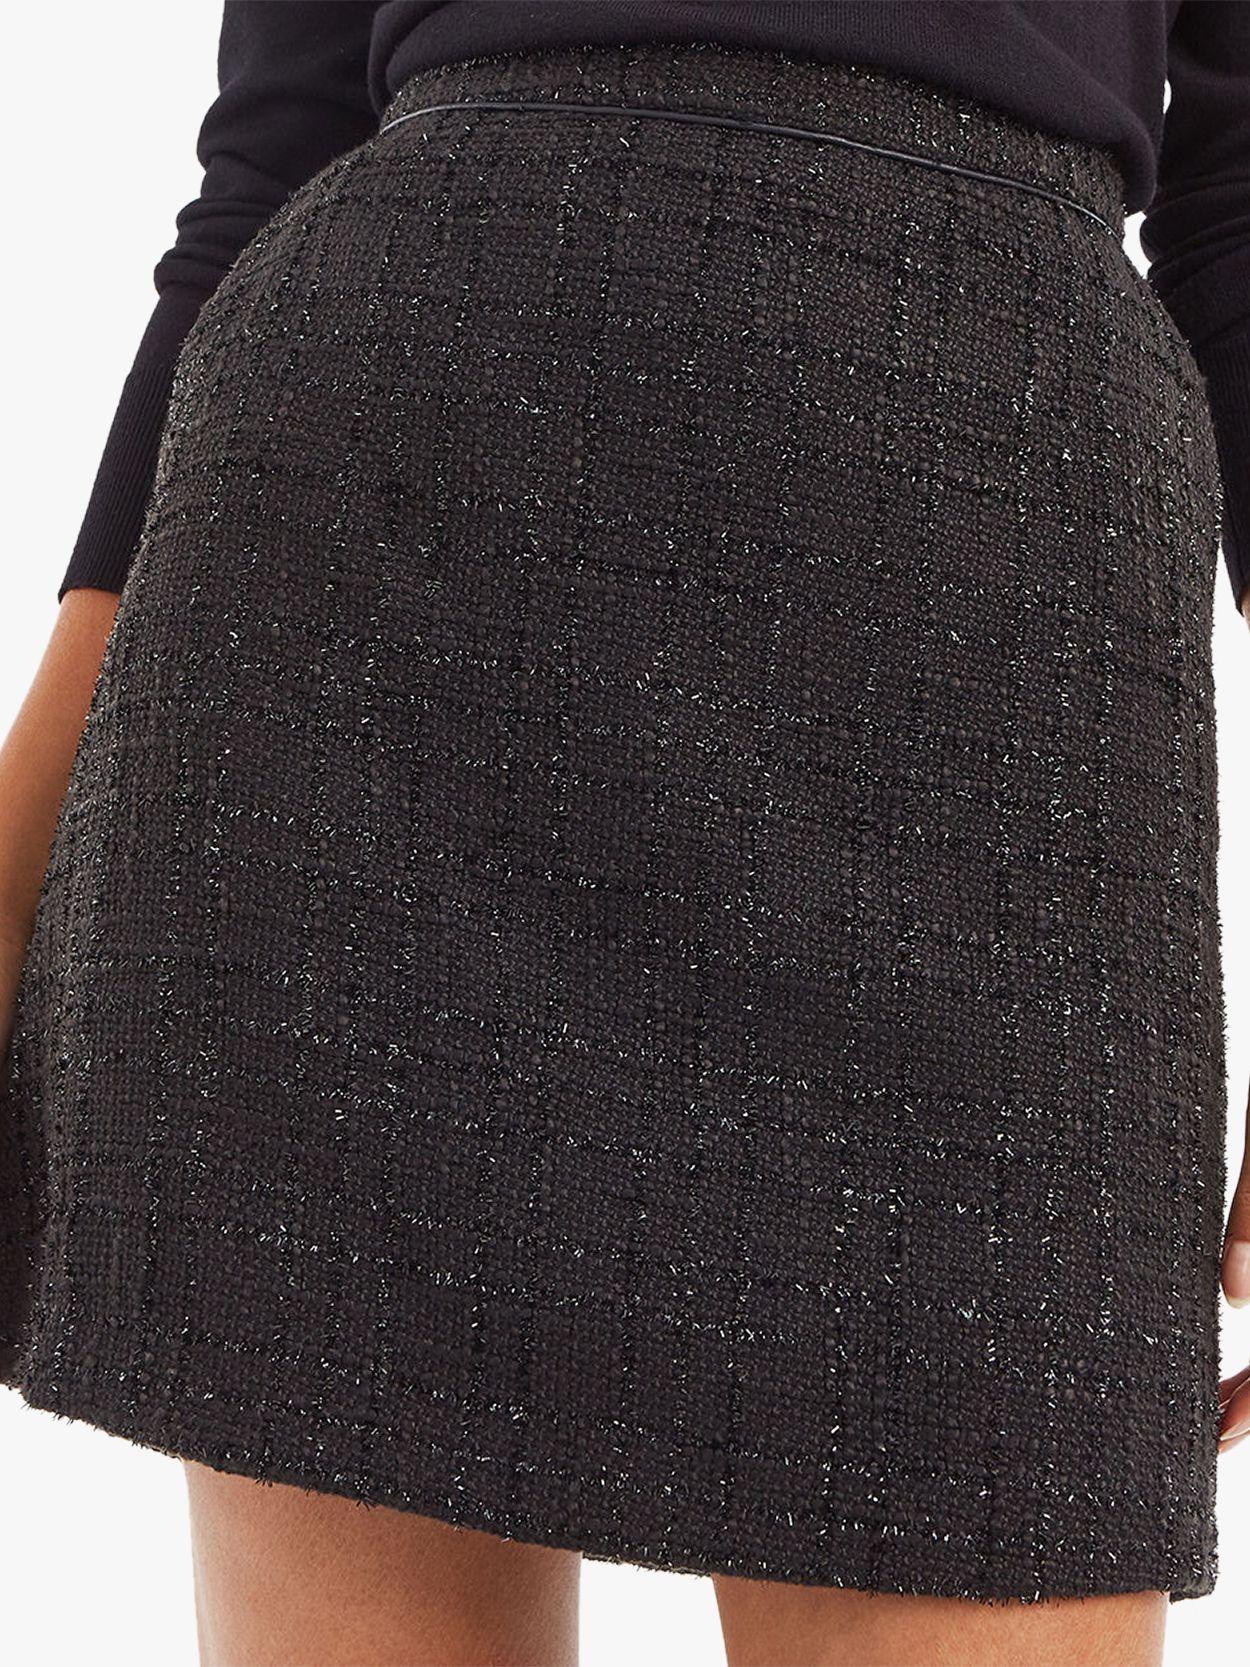 OASIS BLACK SPARKLE TWEED SKIRT 6 to 18 ****Festive Season Favourite